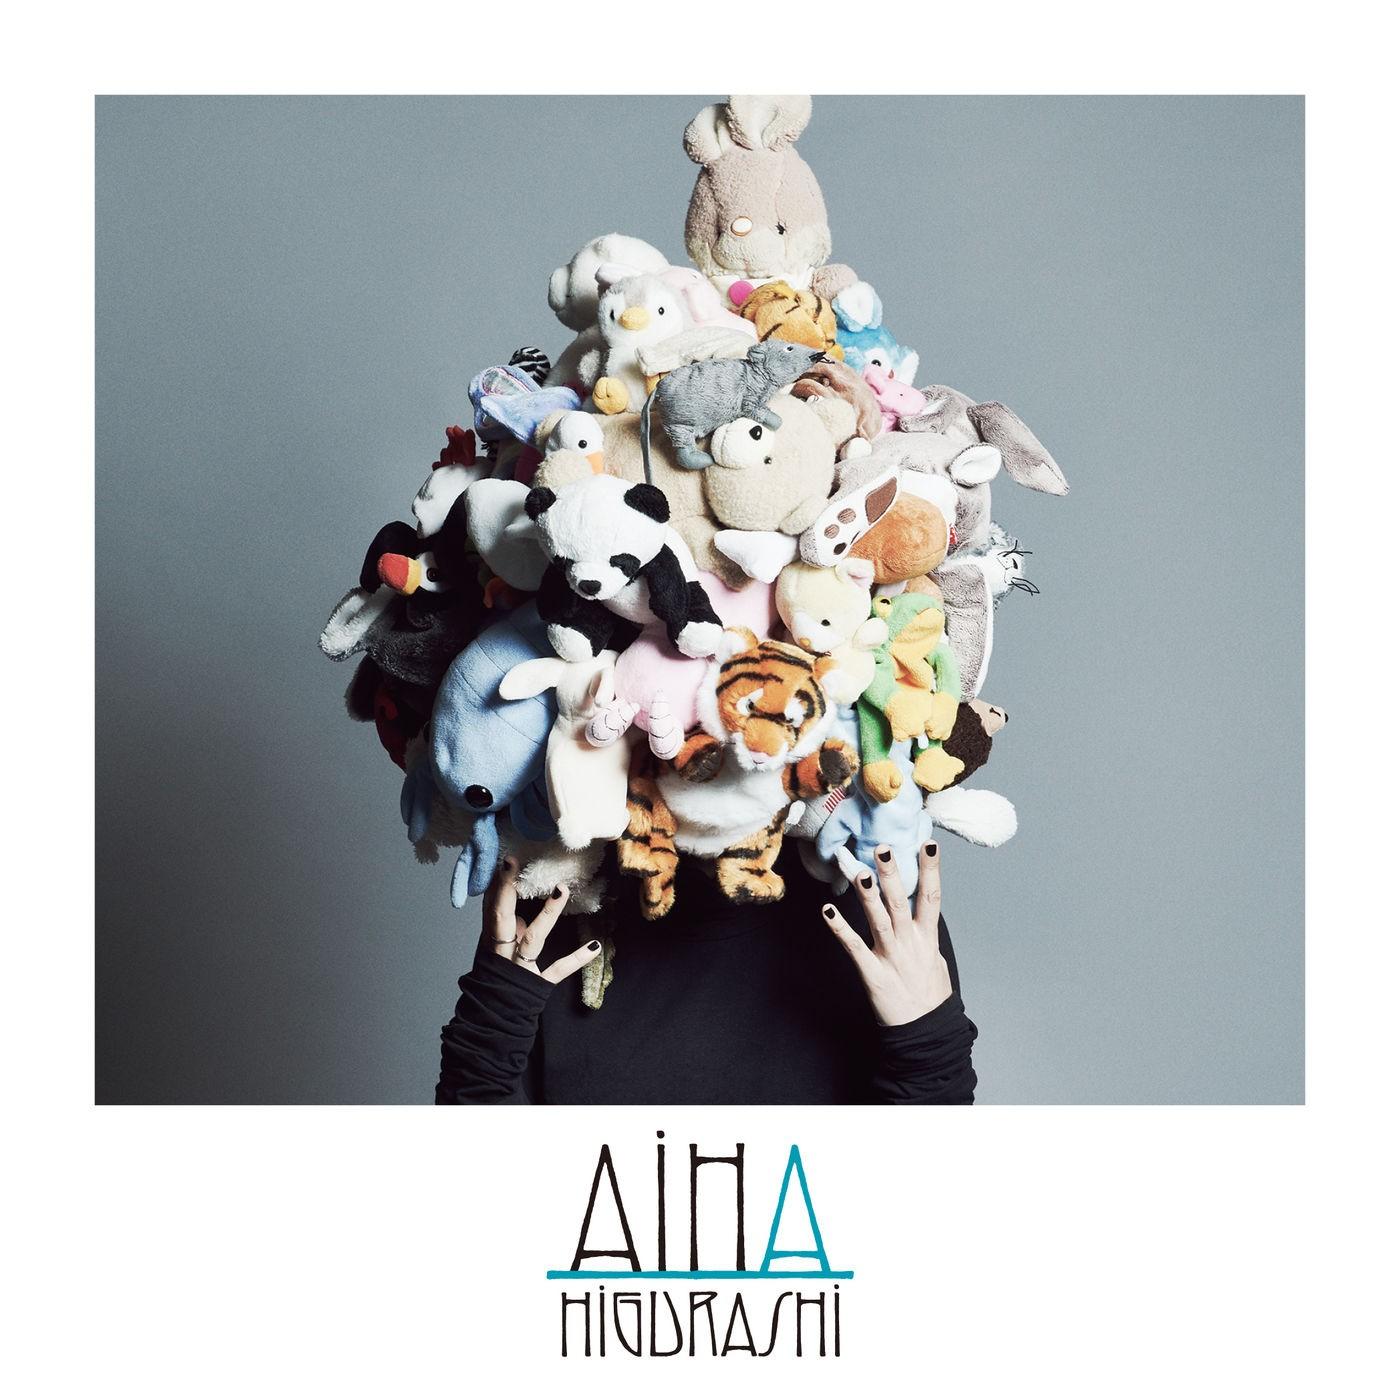 Aiha Higurashi - A